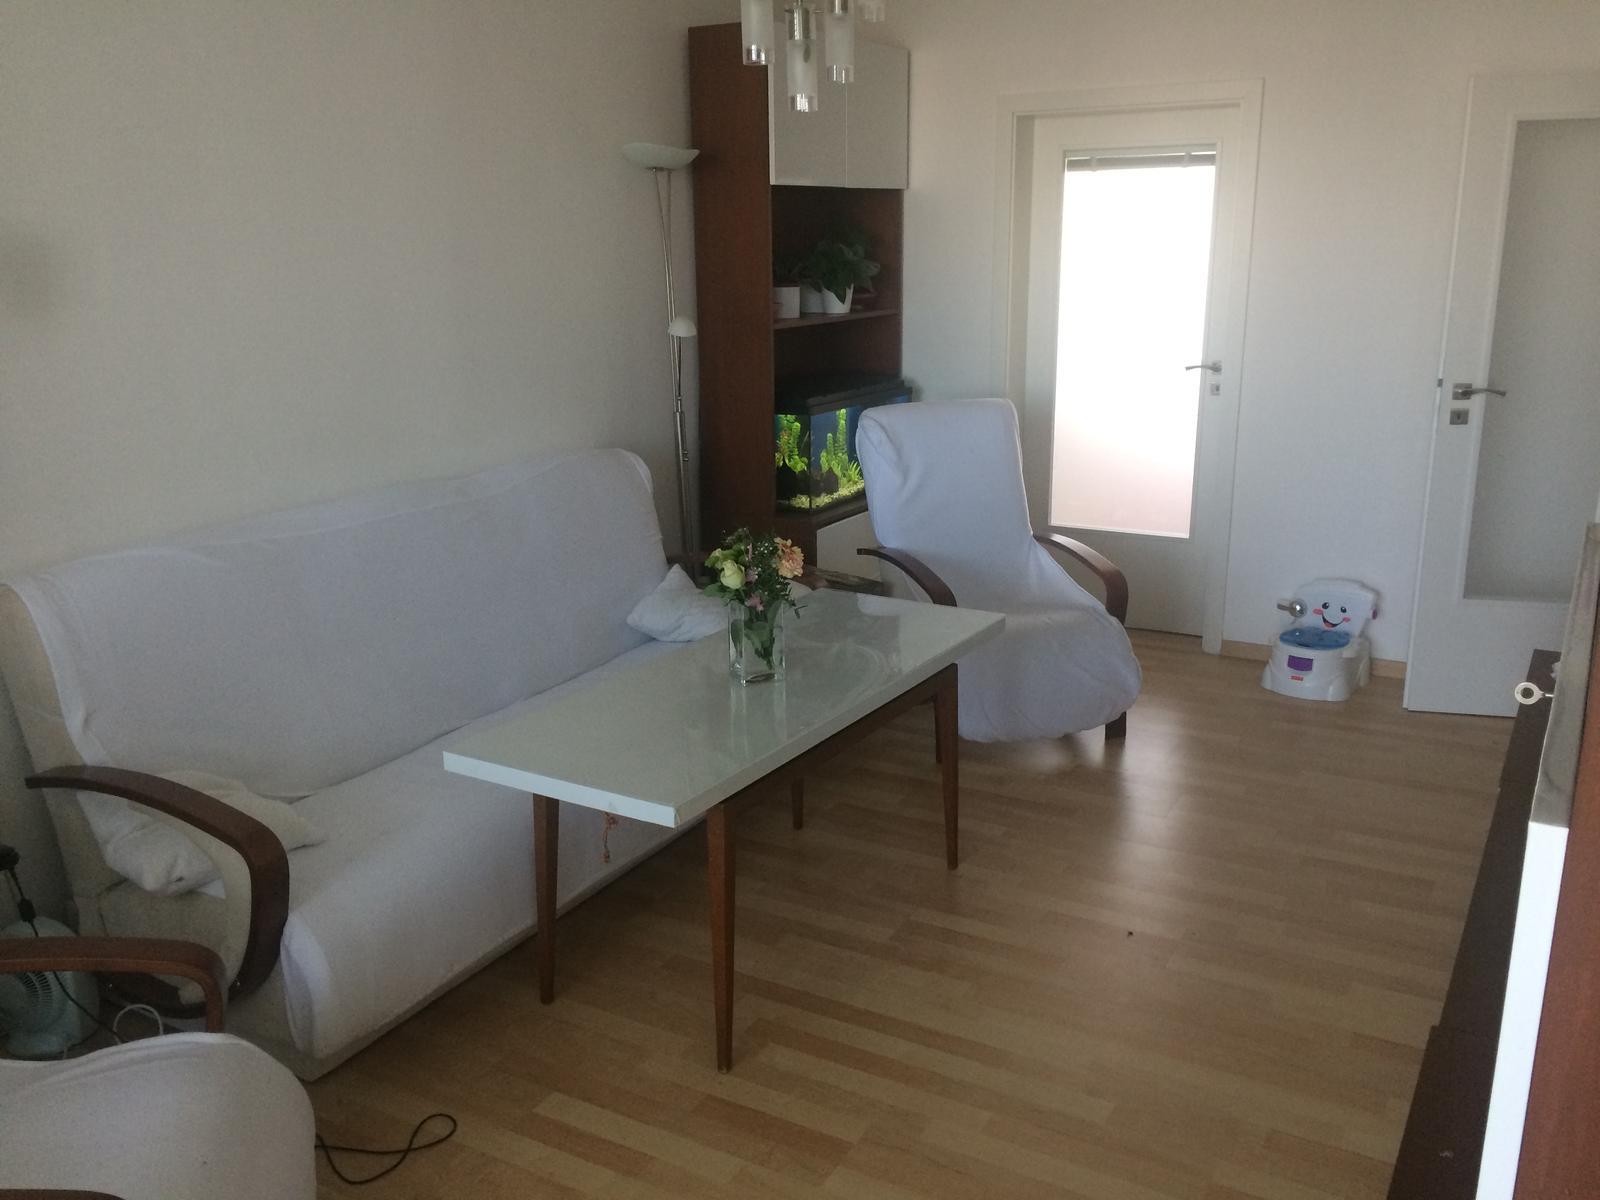 Naše 4+1 v paneláku - Obývák - původní ze starého bytu, pouze dvířka olepena tapetou:-), až malá vyroste, tak, aby neničila nepopisovala...bude se dělat nový